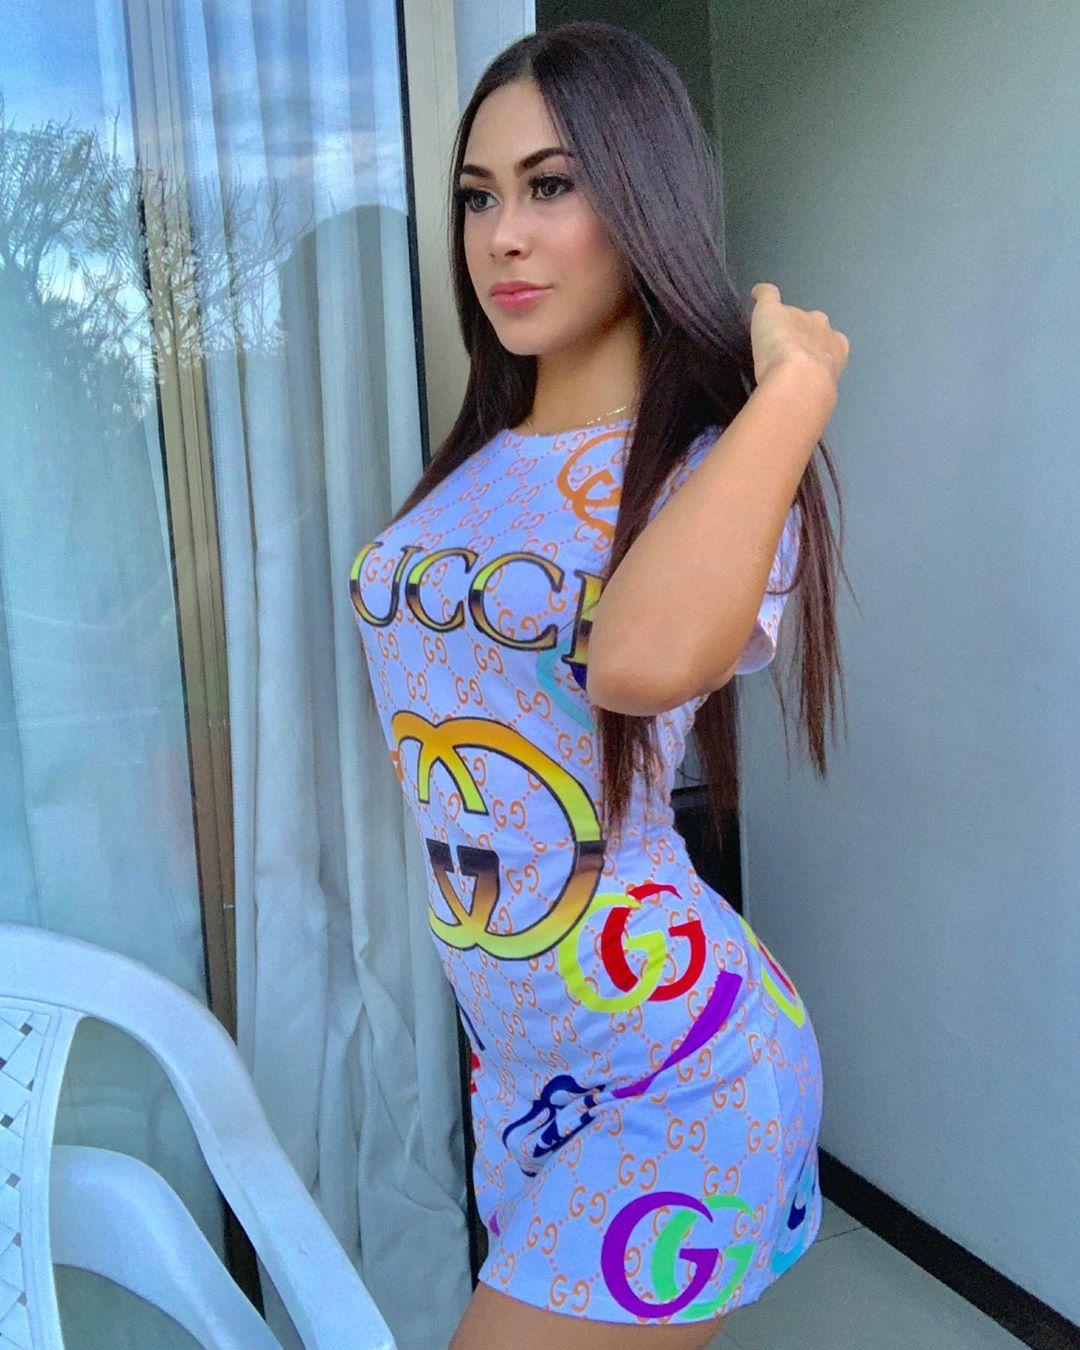 Valeria-Vasquez-Wallpapers-Insta-Fit-Bio-1